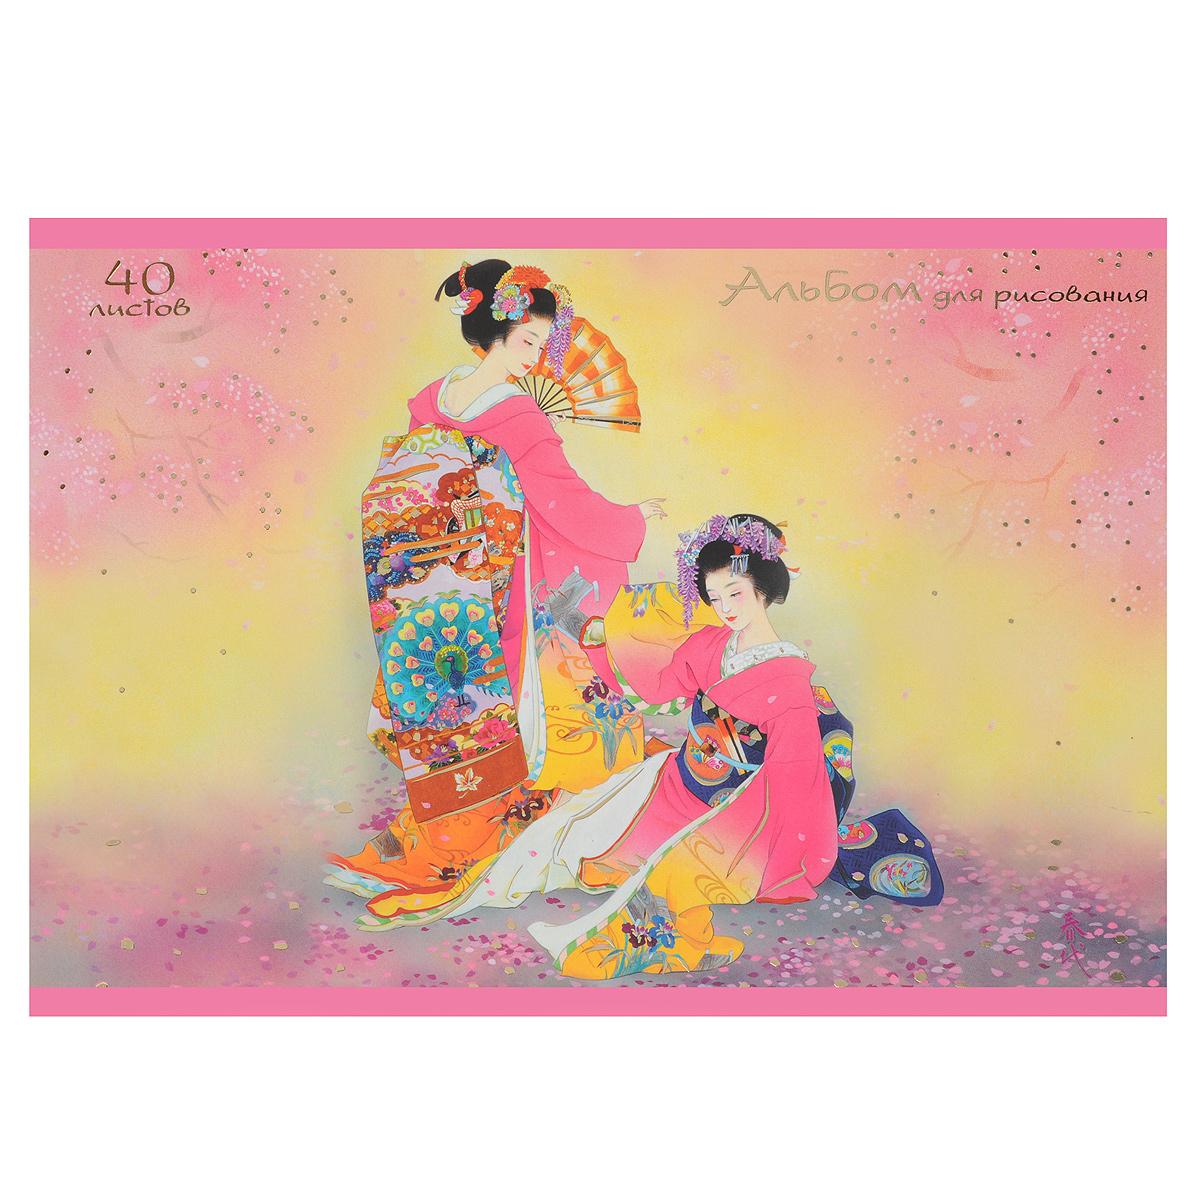 ������ ��� ��������� Unnikaland Japanese �ollection. ���������� �������, 40 ������ - Unnikaland���401012������ ��� ��������� Unnikaland Japanese �ollection. ���������� ������� ���������� �������� ���������� ��������� � ��������� ��� �� ����������. ��� ������������ ������������ ������� ������� ������������ ����� ��� ���������� �������. �� ��������� ����������� ��������� ���� �������� ����, ��� �������� ������� �� �������, � ��� ��������� ����� �������� ������������ ���������� ����������� �����������, ��� ��������� ������������� ����� ��������� ���� ������������ ����� ����������. ��������� ������ ������ �������� ���������� ������� �������. ���������� ���� ��������������� �� ������������������ ������, ��� ����������� ������� ��������, ������� ���������� �������� � ������� ��� ���������. ��������� ��������� ������� ��������� ���������� �����������, ����� ����, ��� ������������� �����.